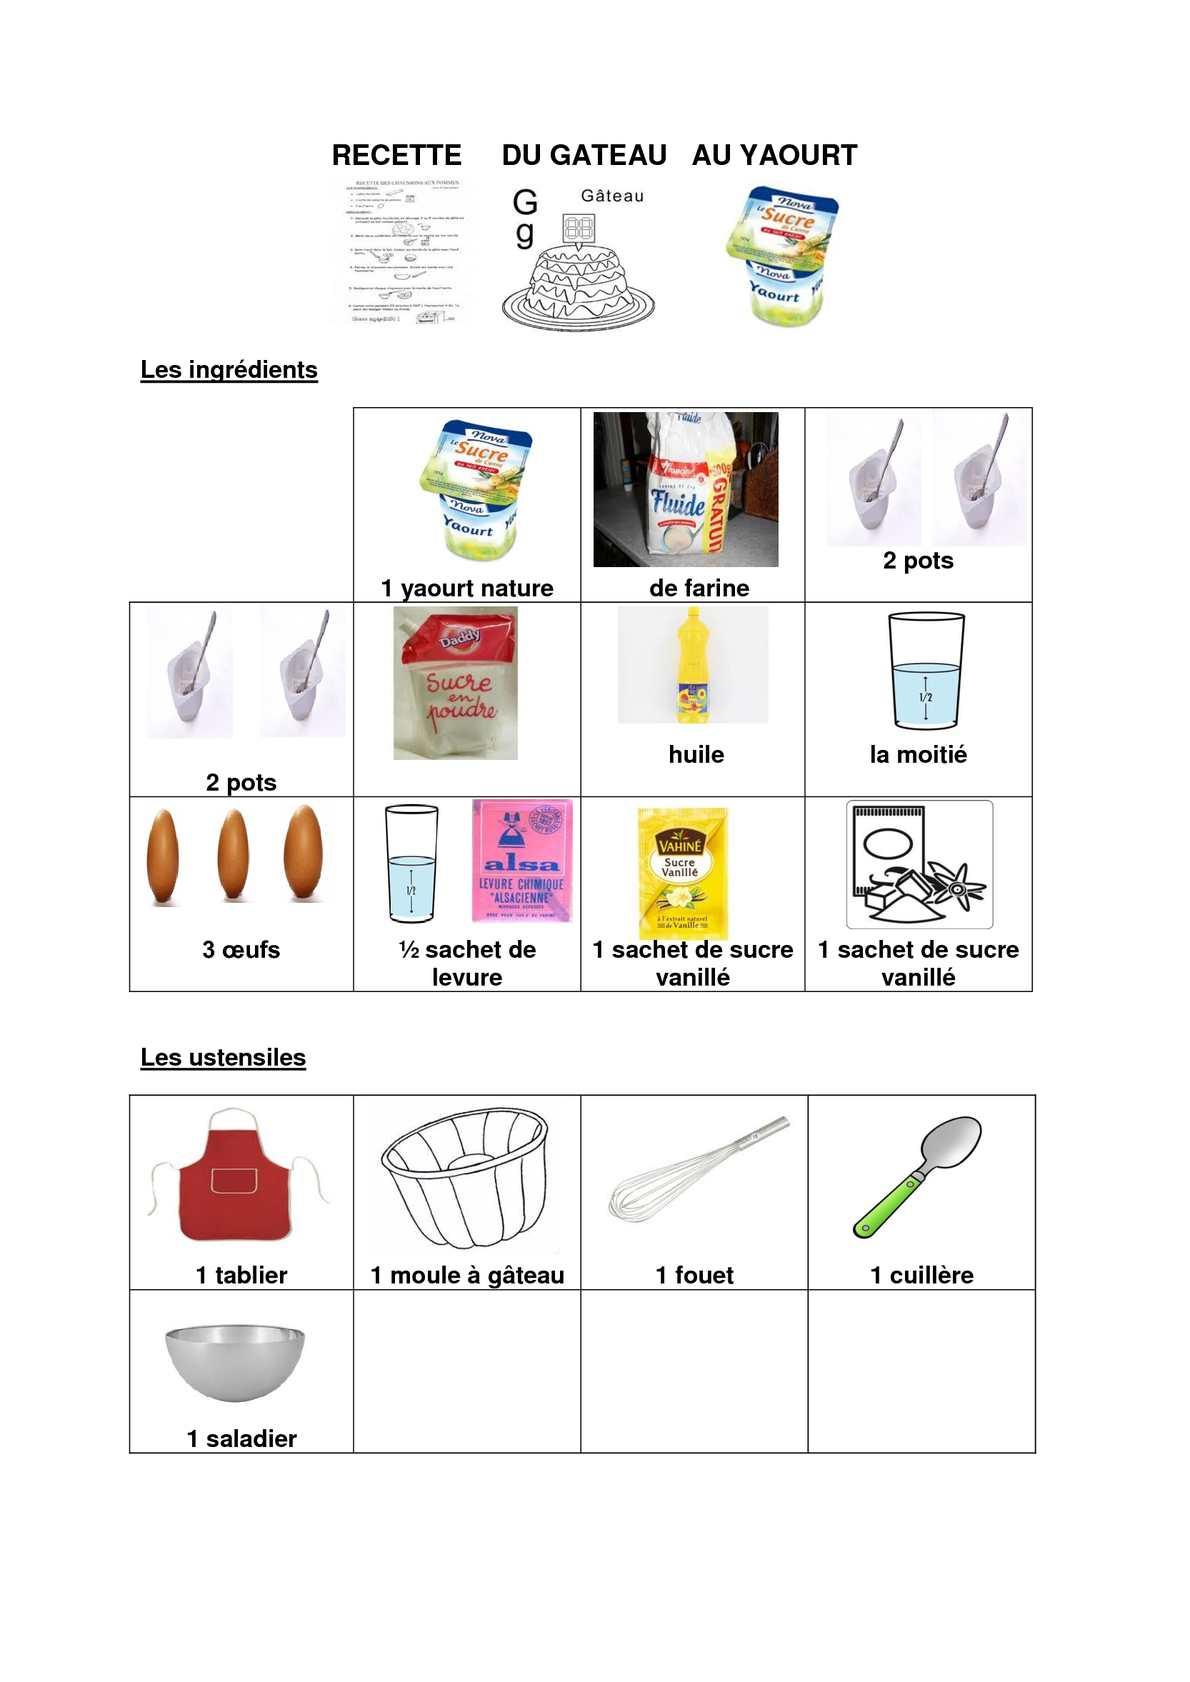 calam o recette g teau au yaourt avec pictos. Black Bedroom Furniture Sets. Home Design Ideas